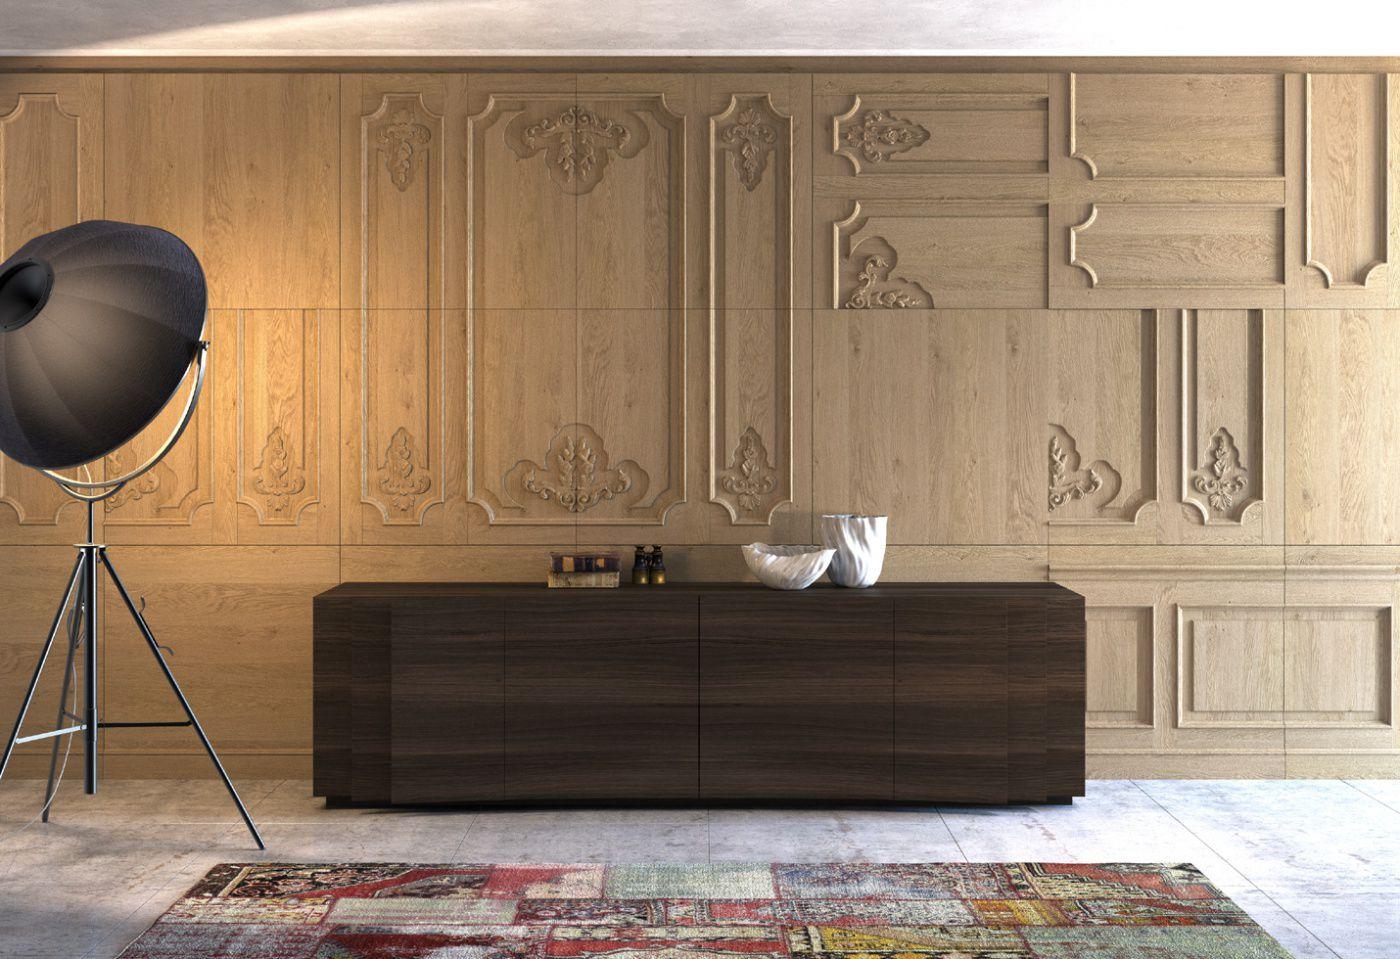 panel decorativo de madera de pared con relieve boiserie kl by ferruccio laviani